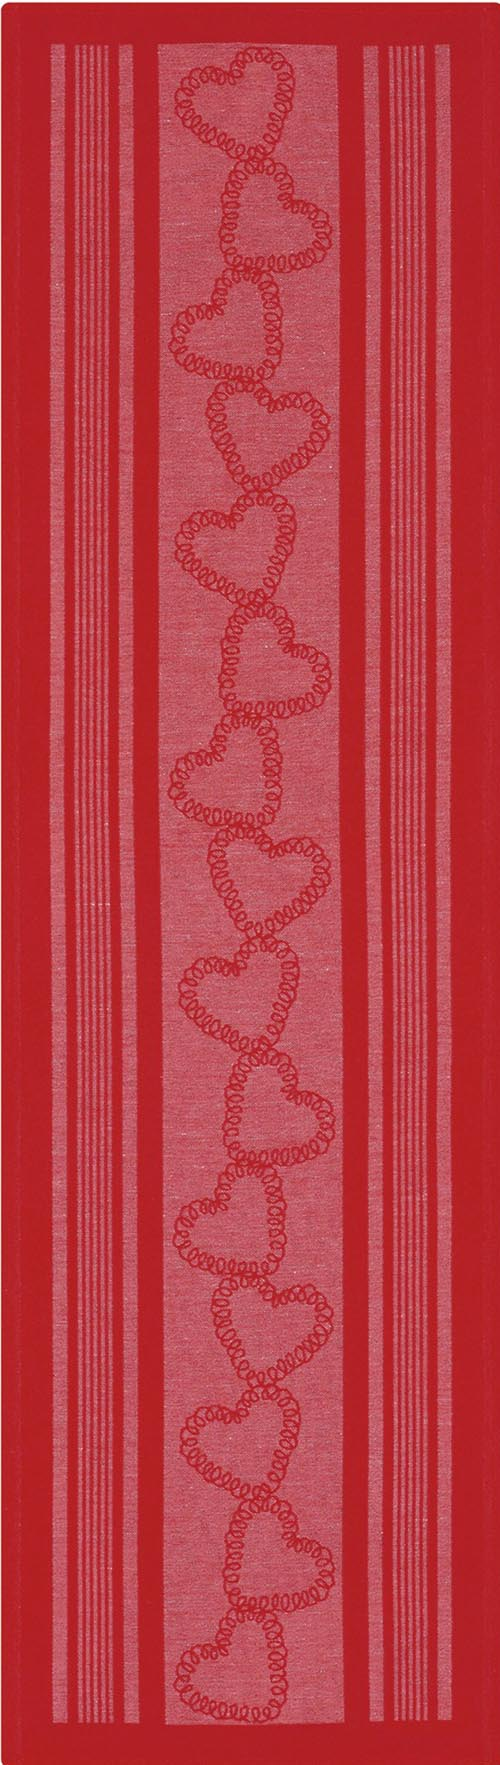 Bordslöpare 35 x 120 cm Röd jul*